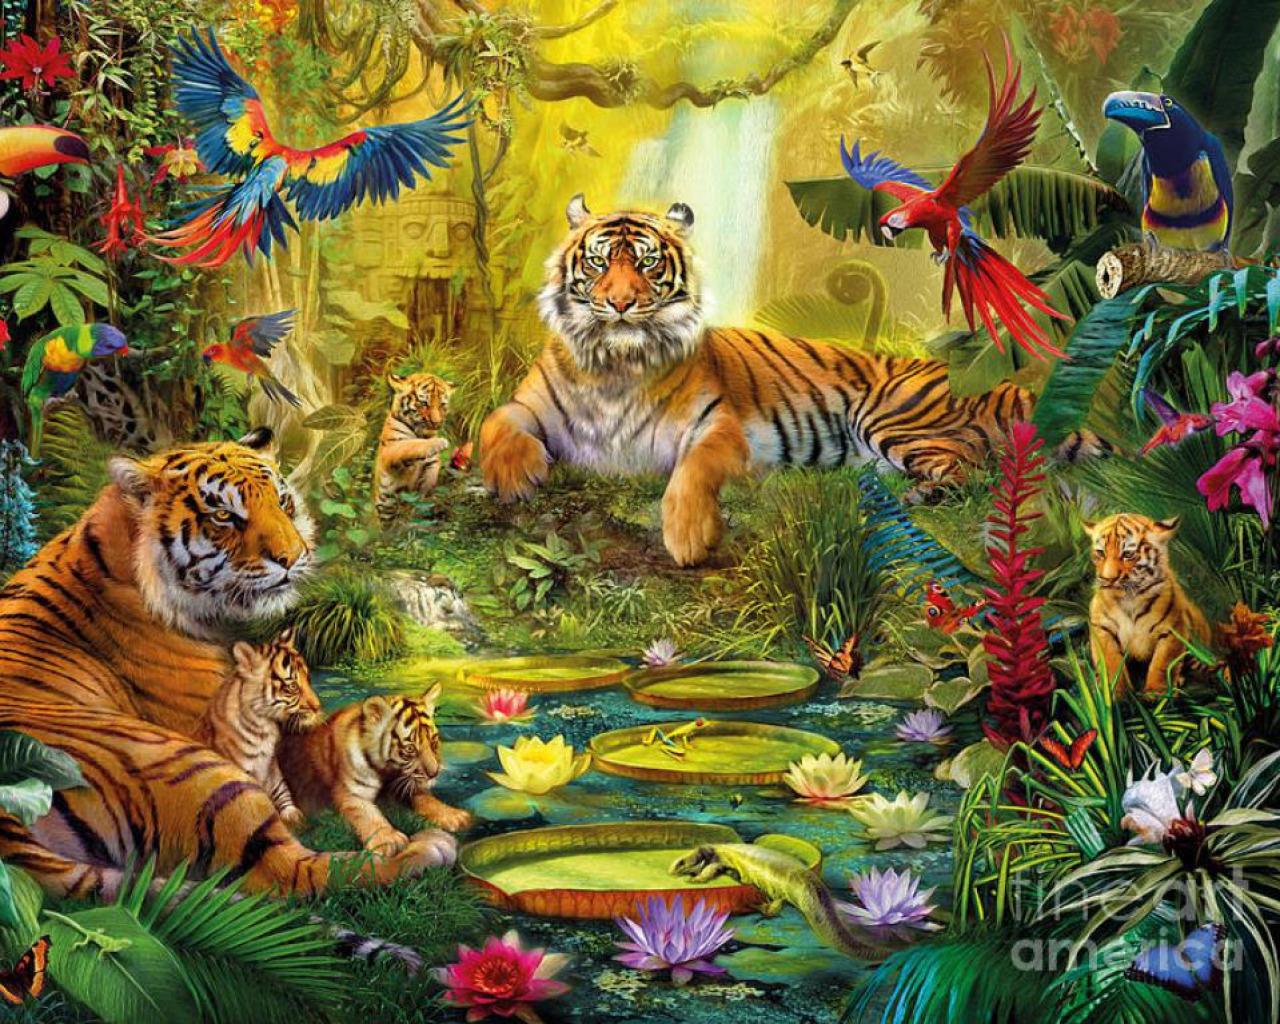 Jungle Animals Wallpaper - WallpaperSafari